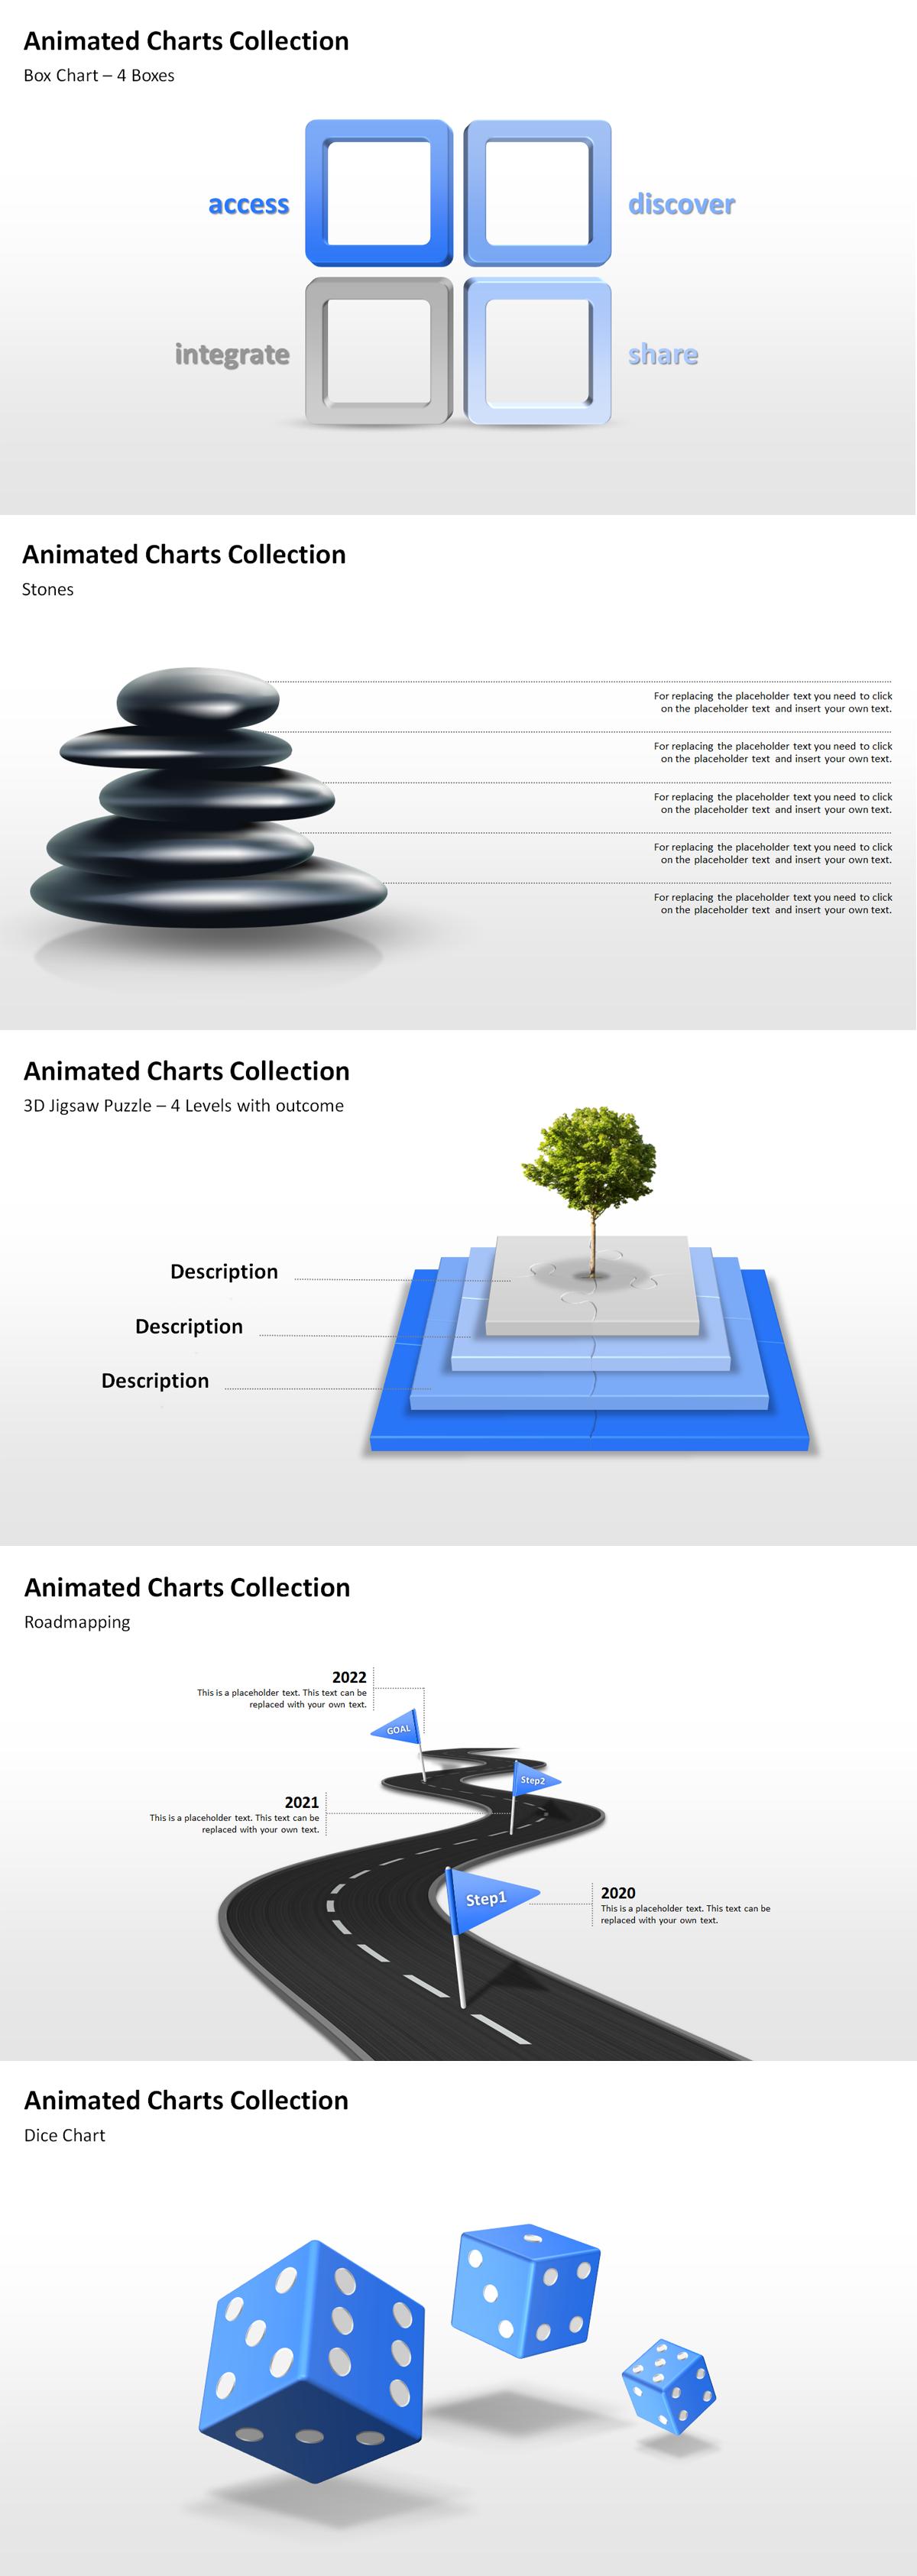 Pin von PowerPoint-Vorlagen auf ANIMATION // POWERPOINT | Pinterest ...